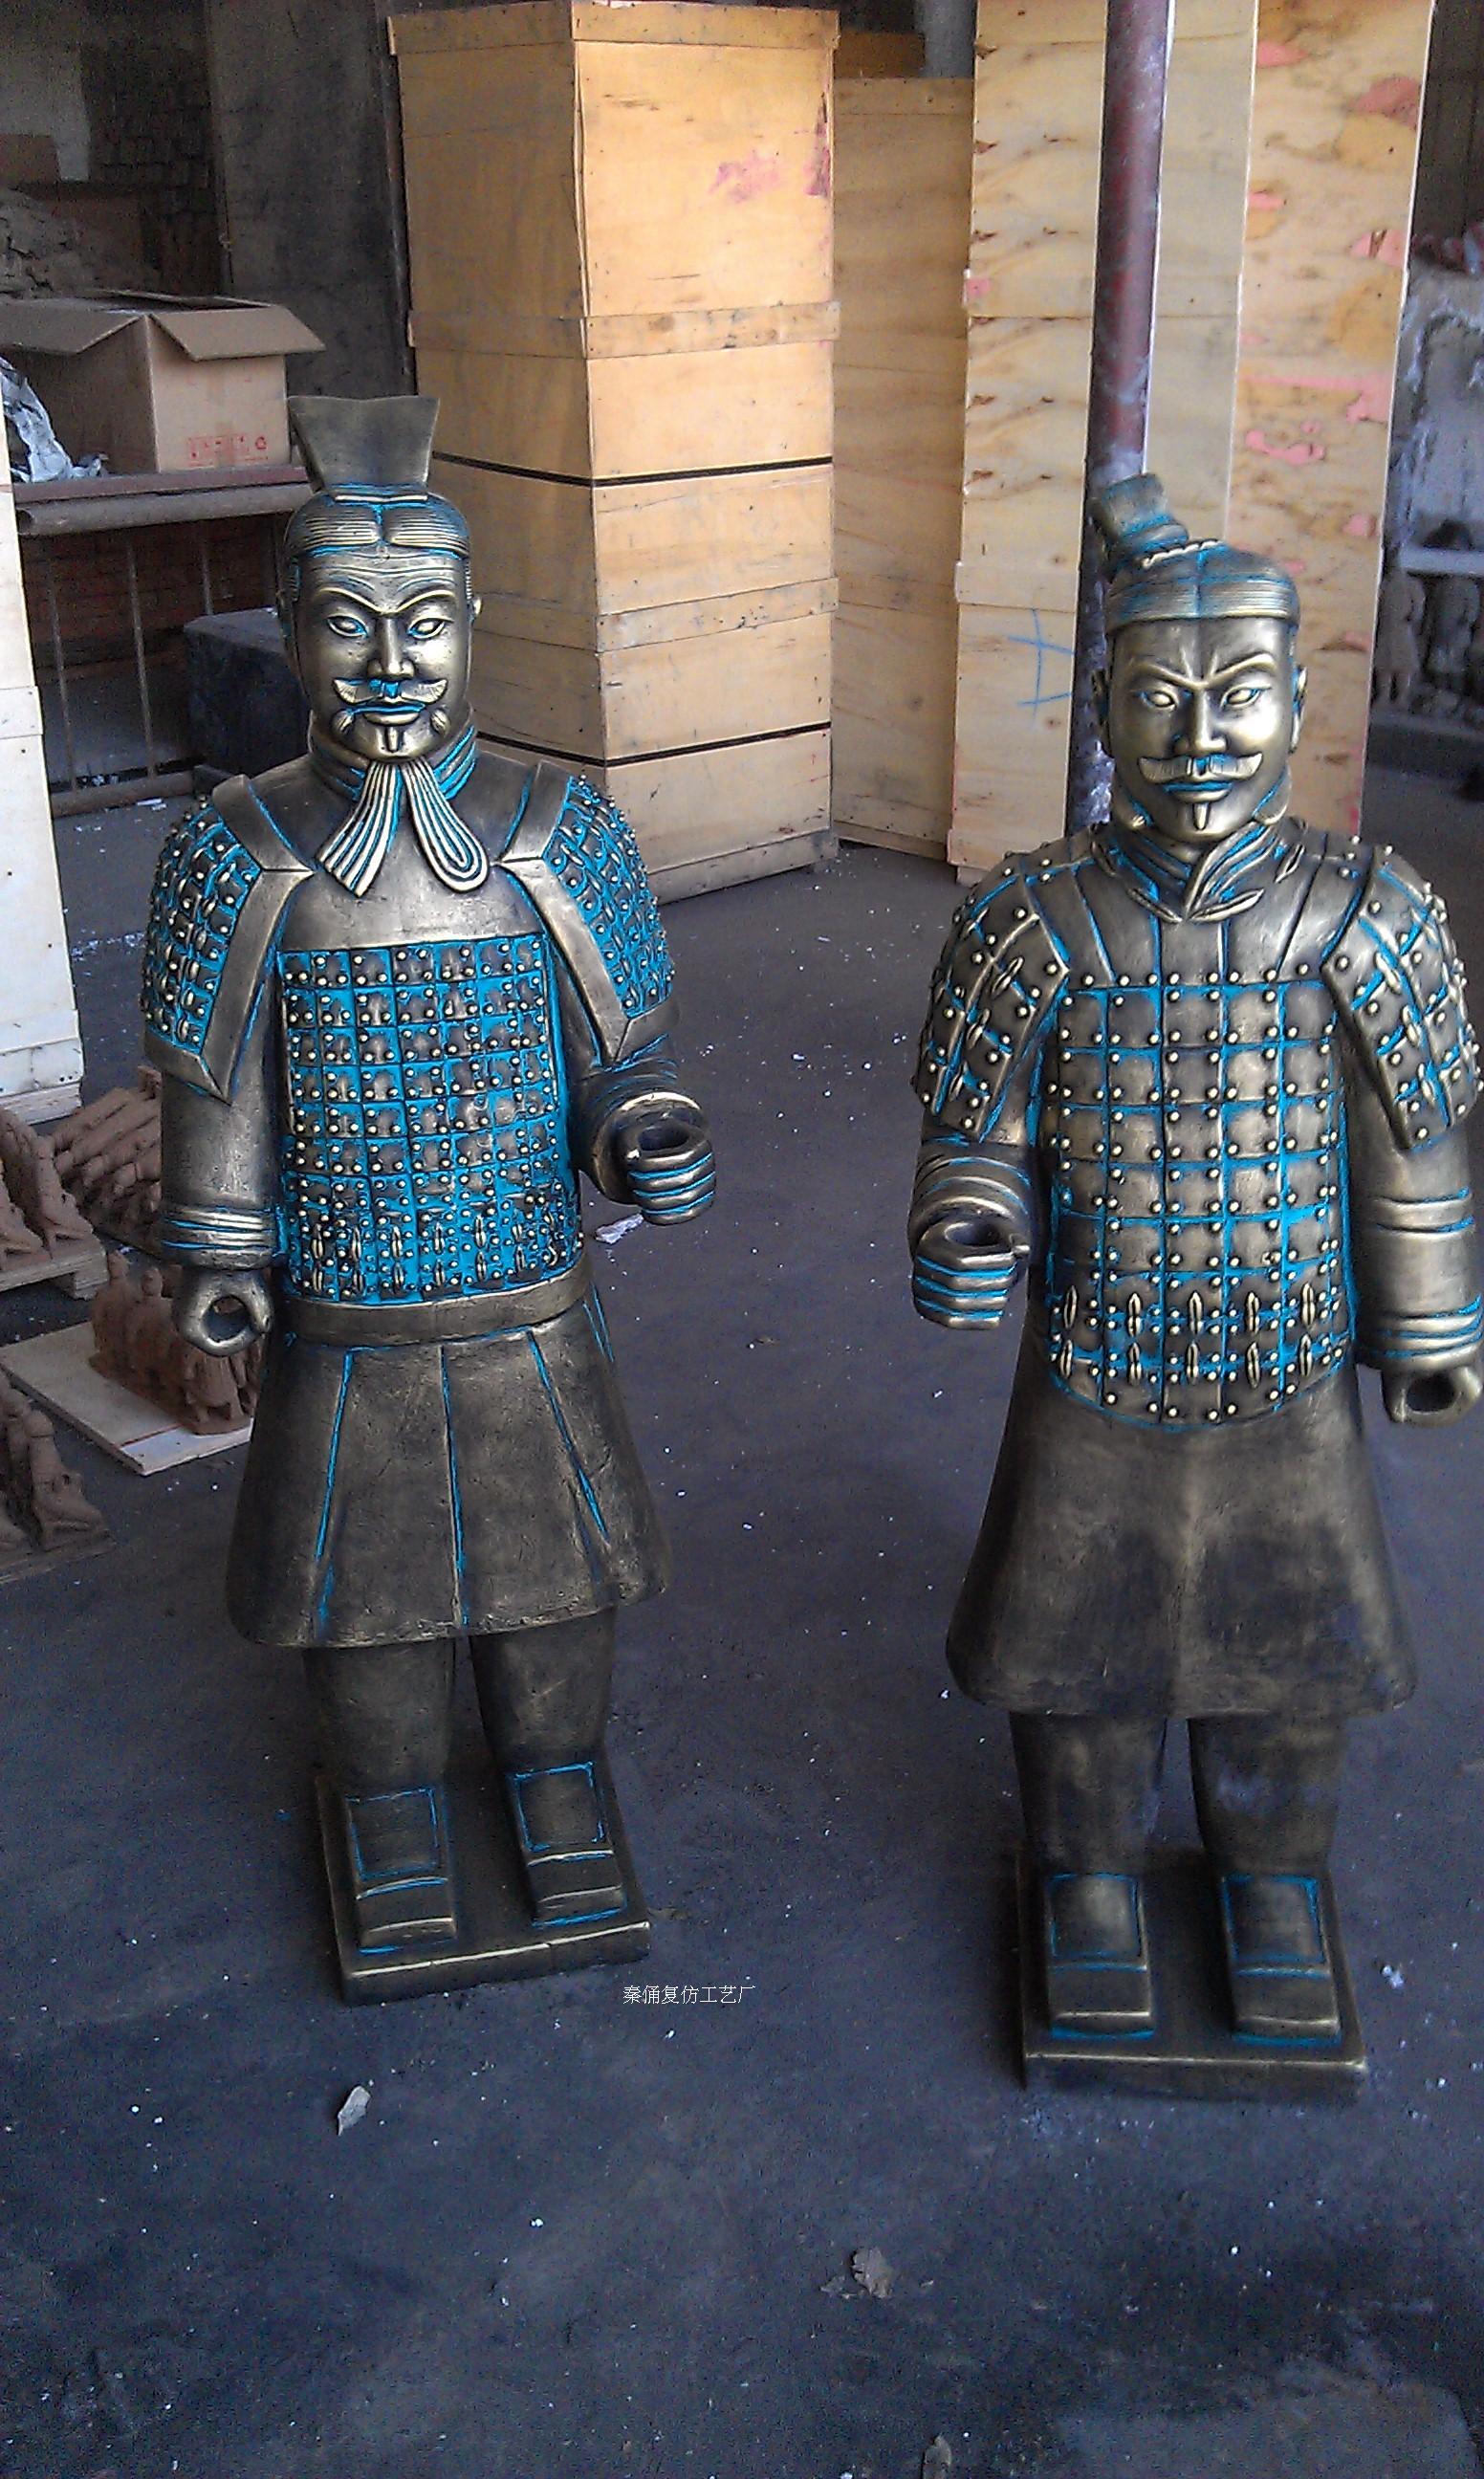 Глиняная утварь имитированная под старину Фабрики собственн-120см имитация бронзы армия чиновников статуэтки, фигурки ограниченными возможностями метил, Бесплатная доставка различных цвет опционный